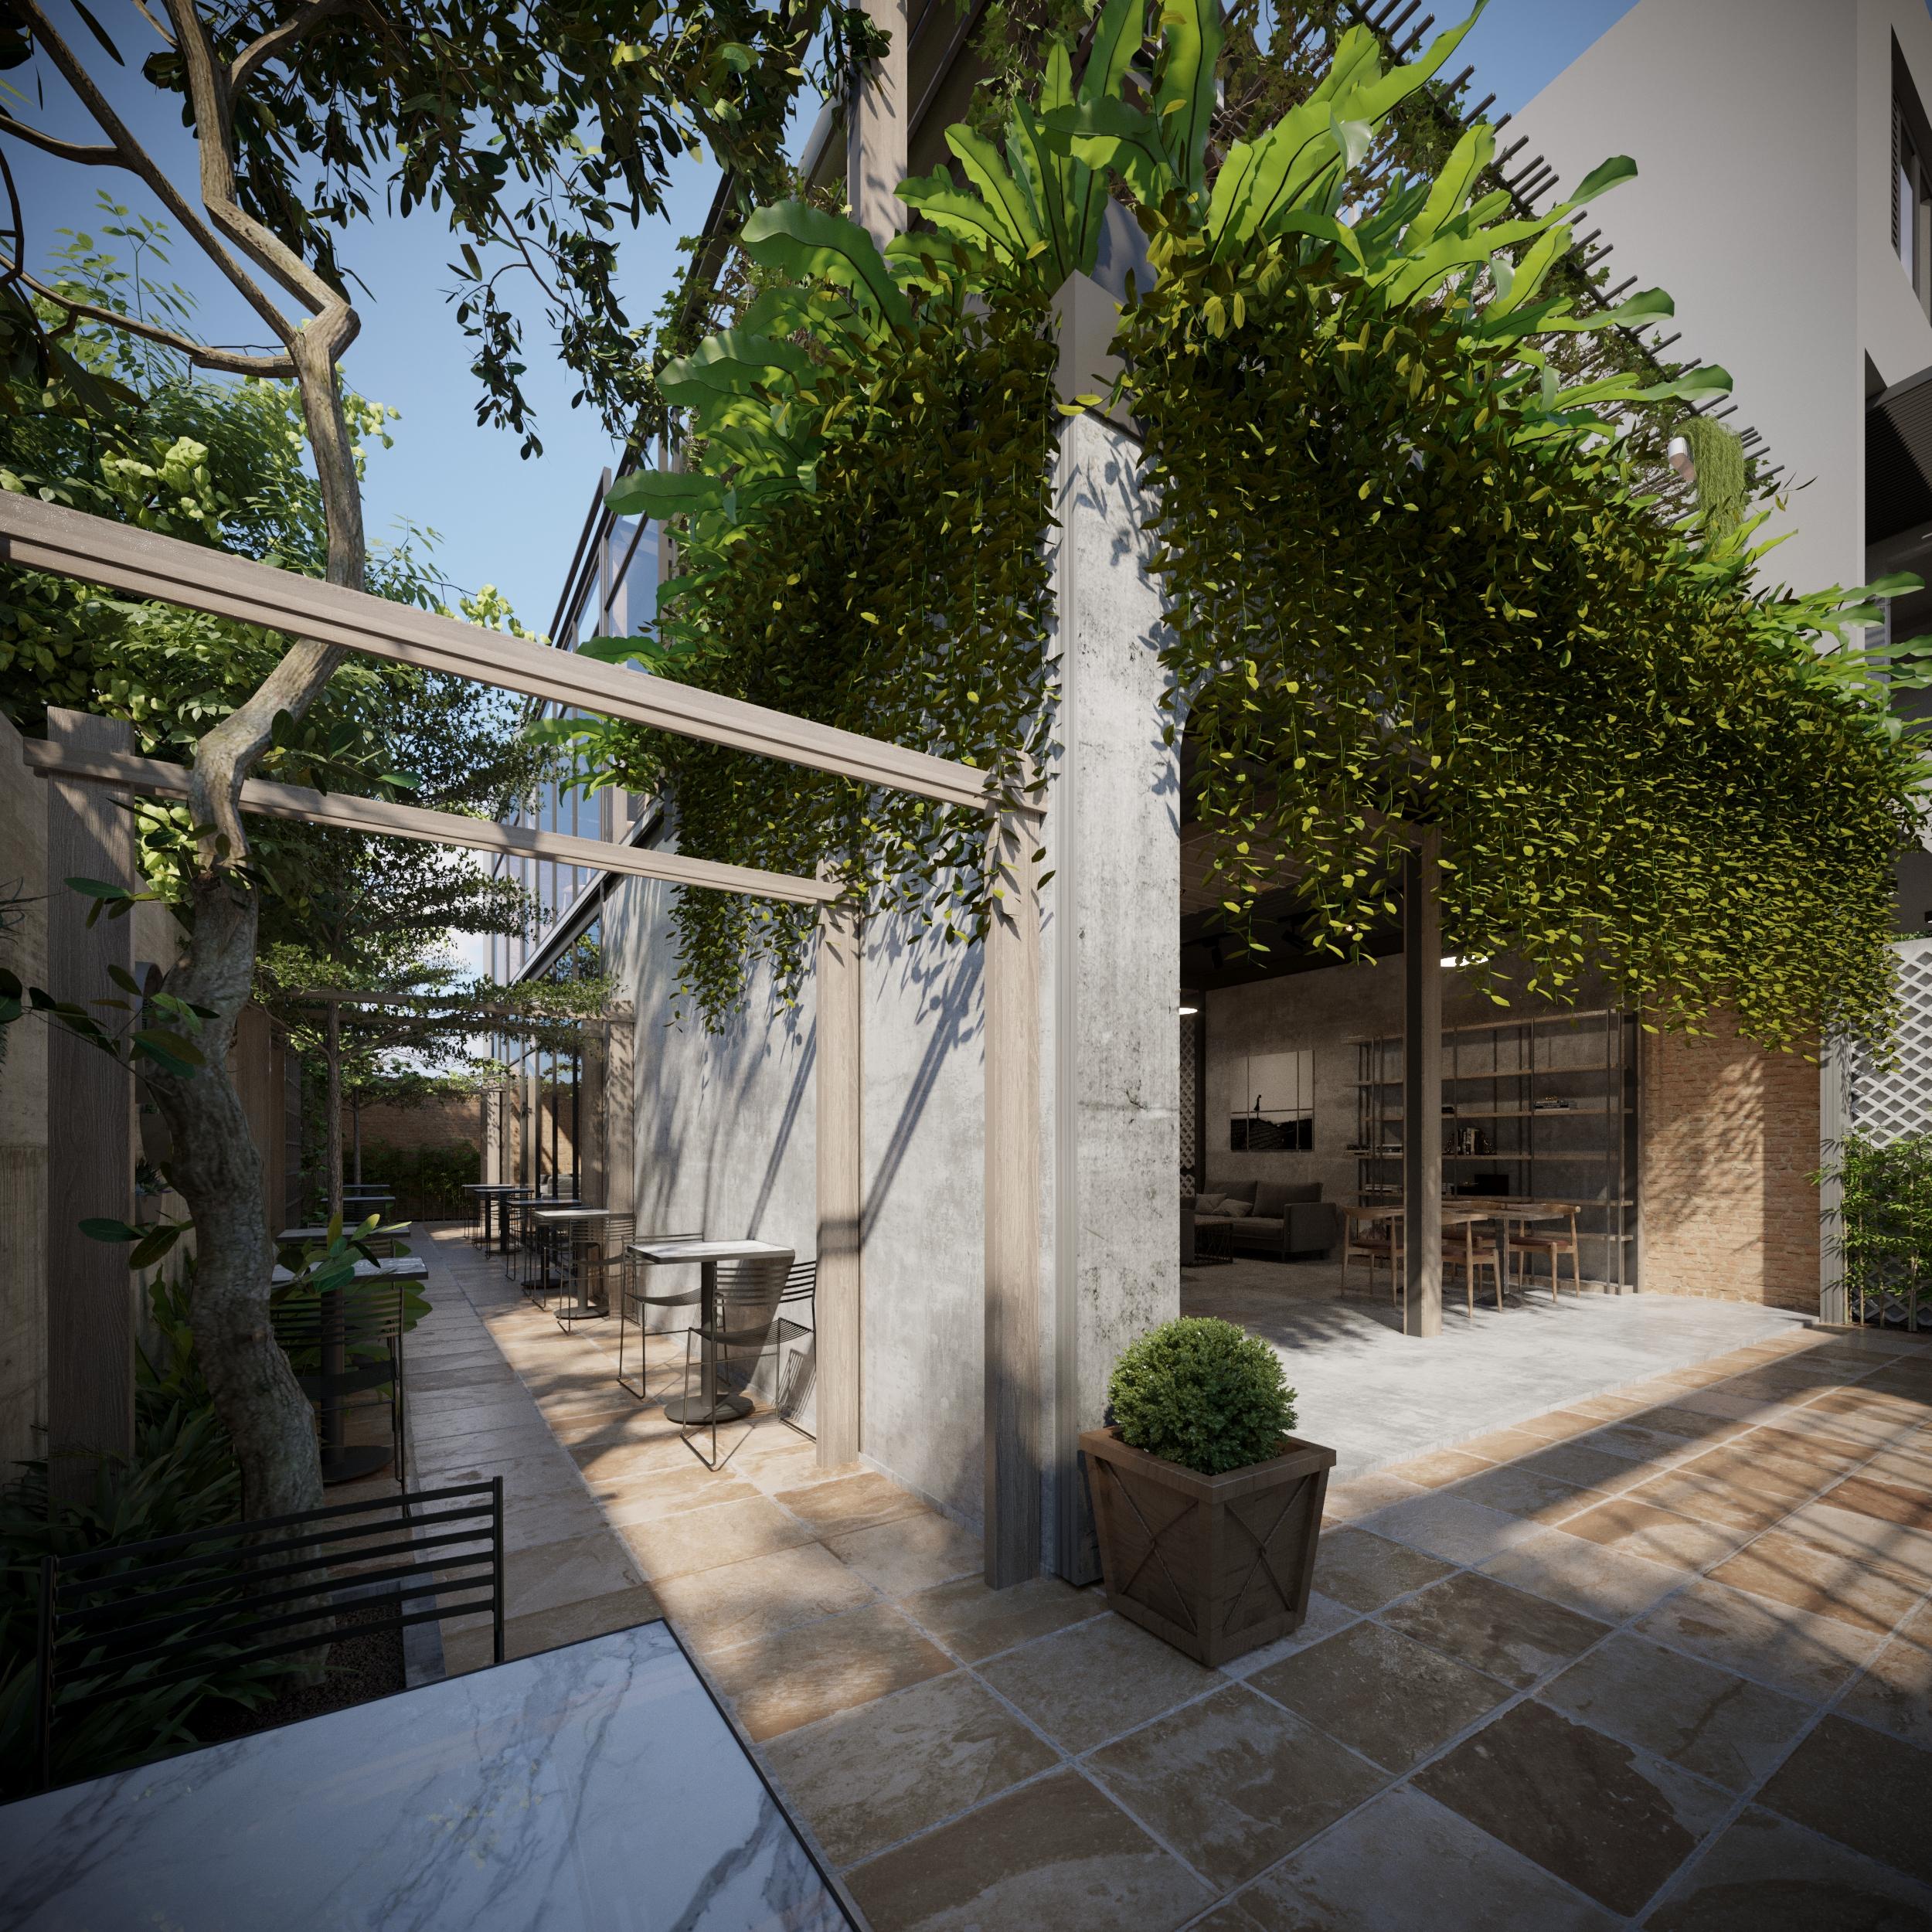 thiết kế nội thất Cafe tại Hồ Chí Minh COFFEE HOUSE 7 1565795215